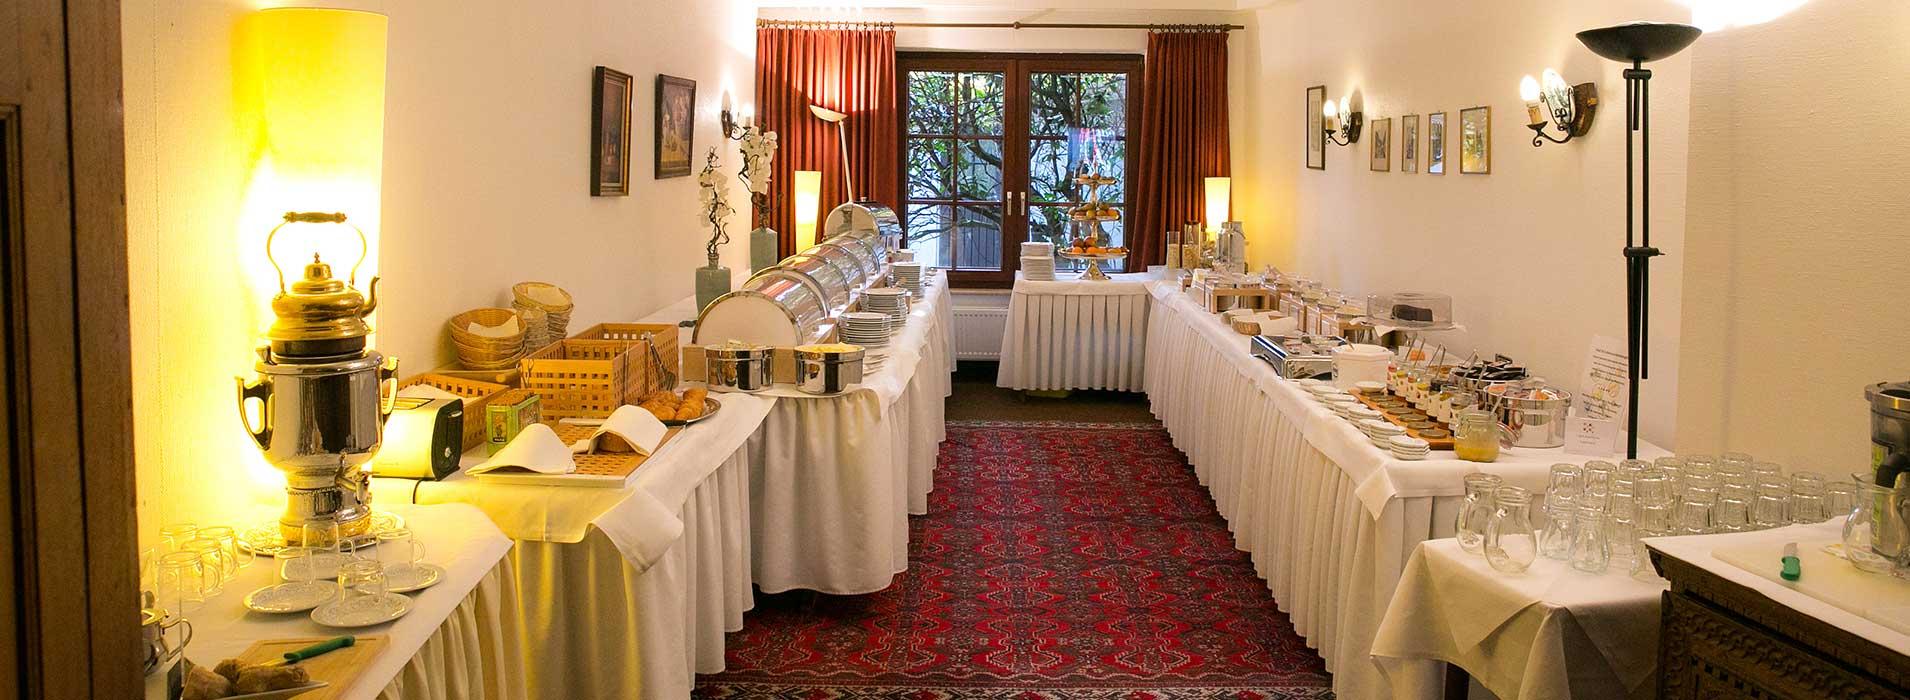 4-Sterne-Hotel Hannover